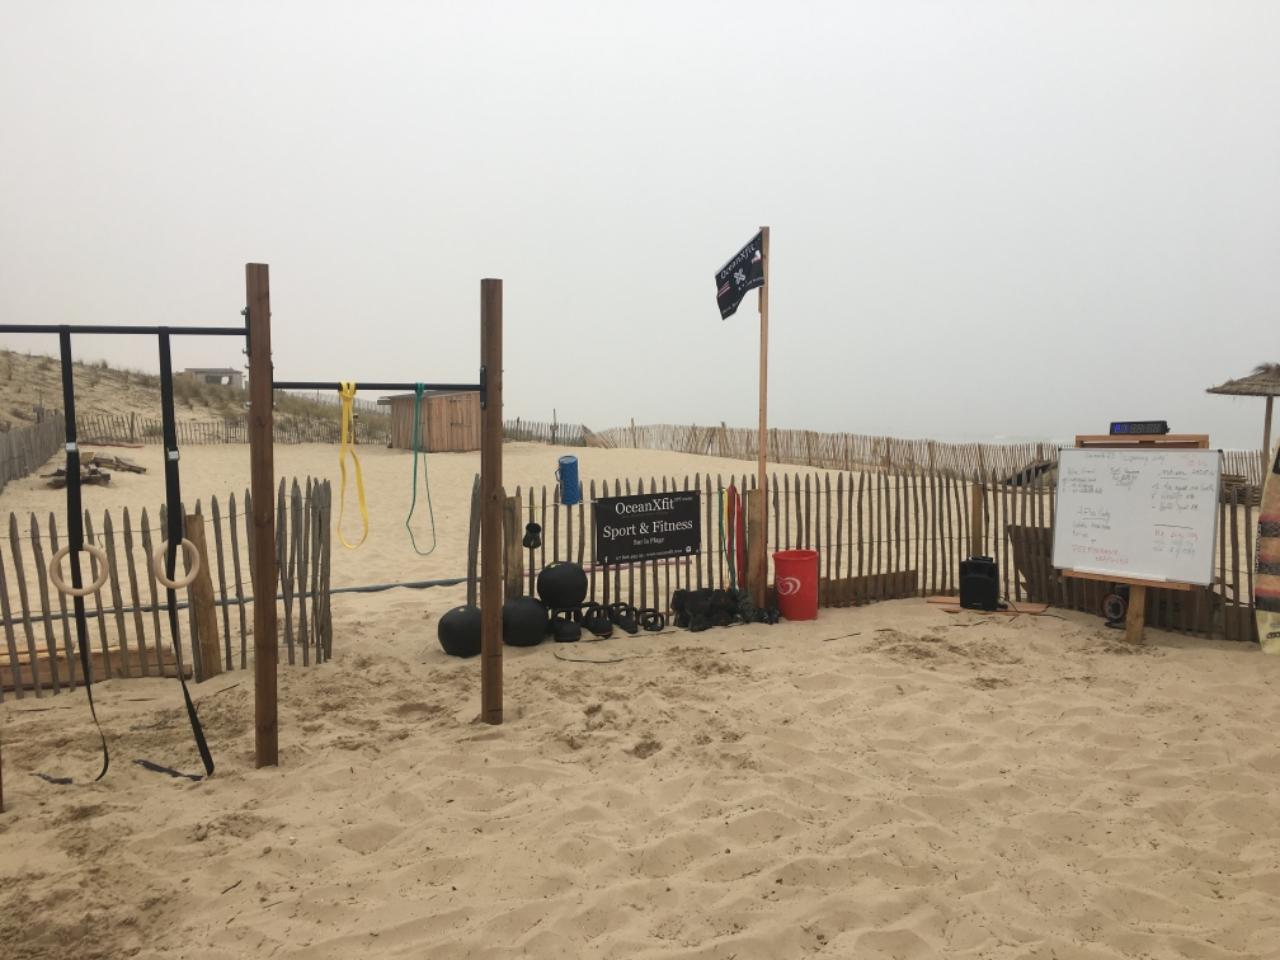 Photo 2: Ocean xfit, du sport sur la plage à Lacanau